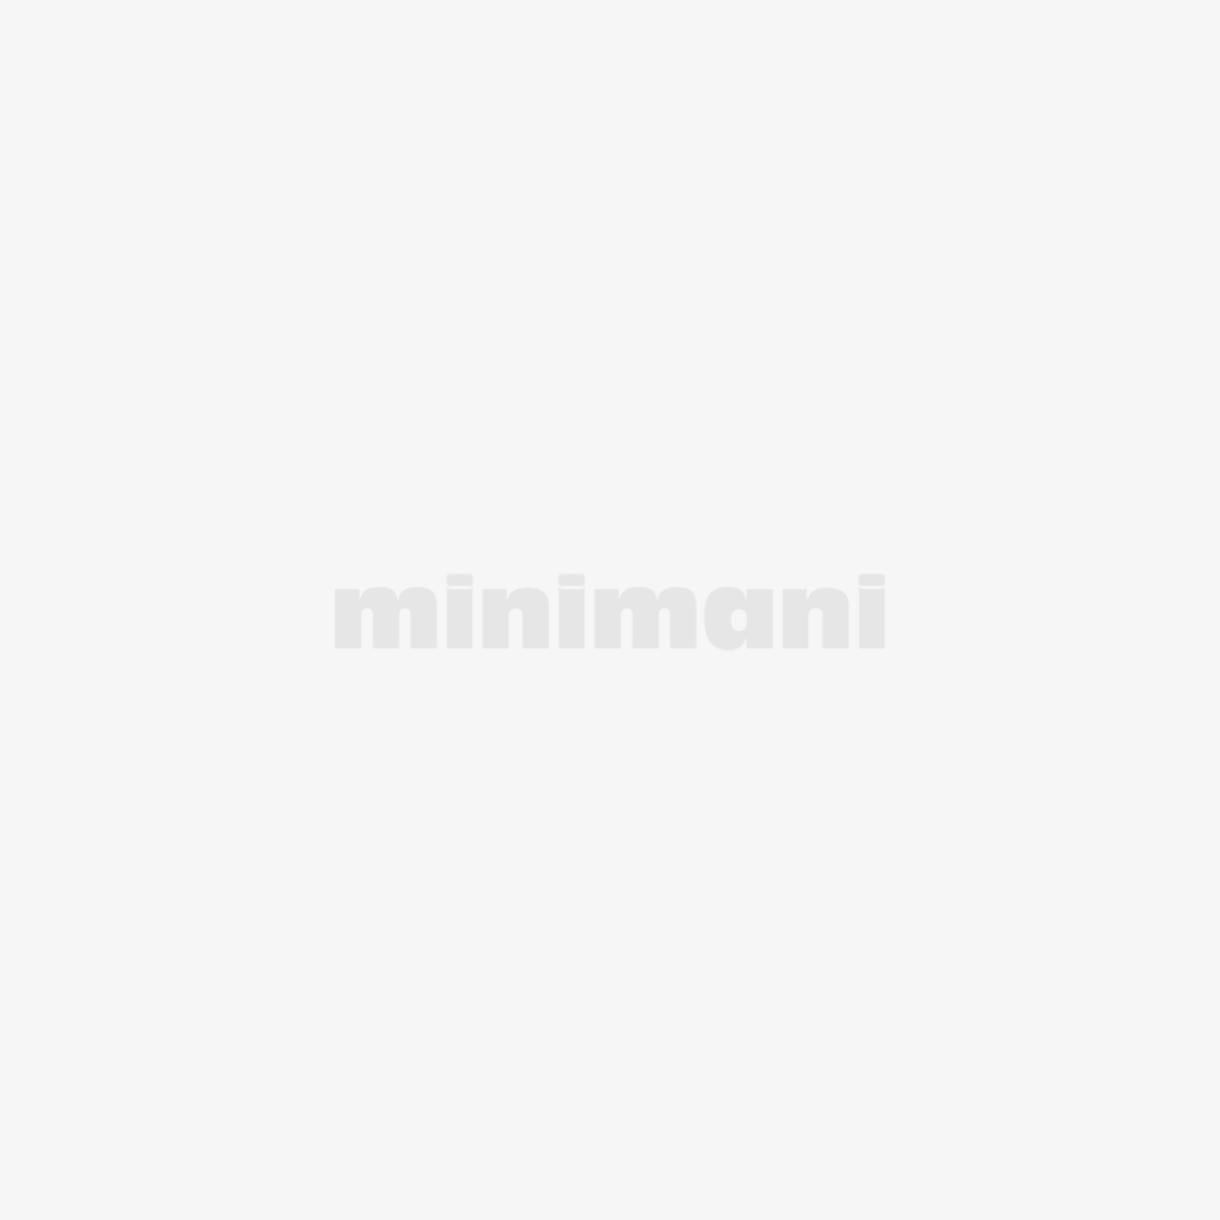 TUNA-HOKKI 9 (3100) 9-8-6